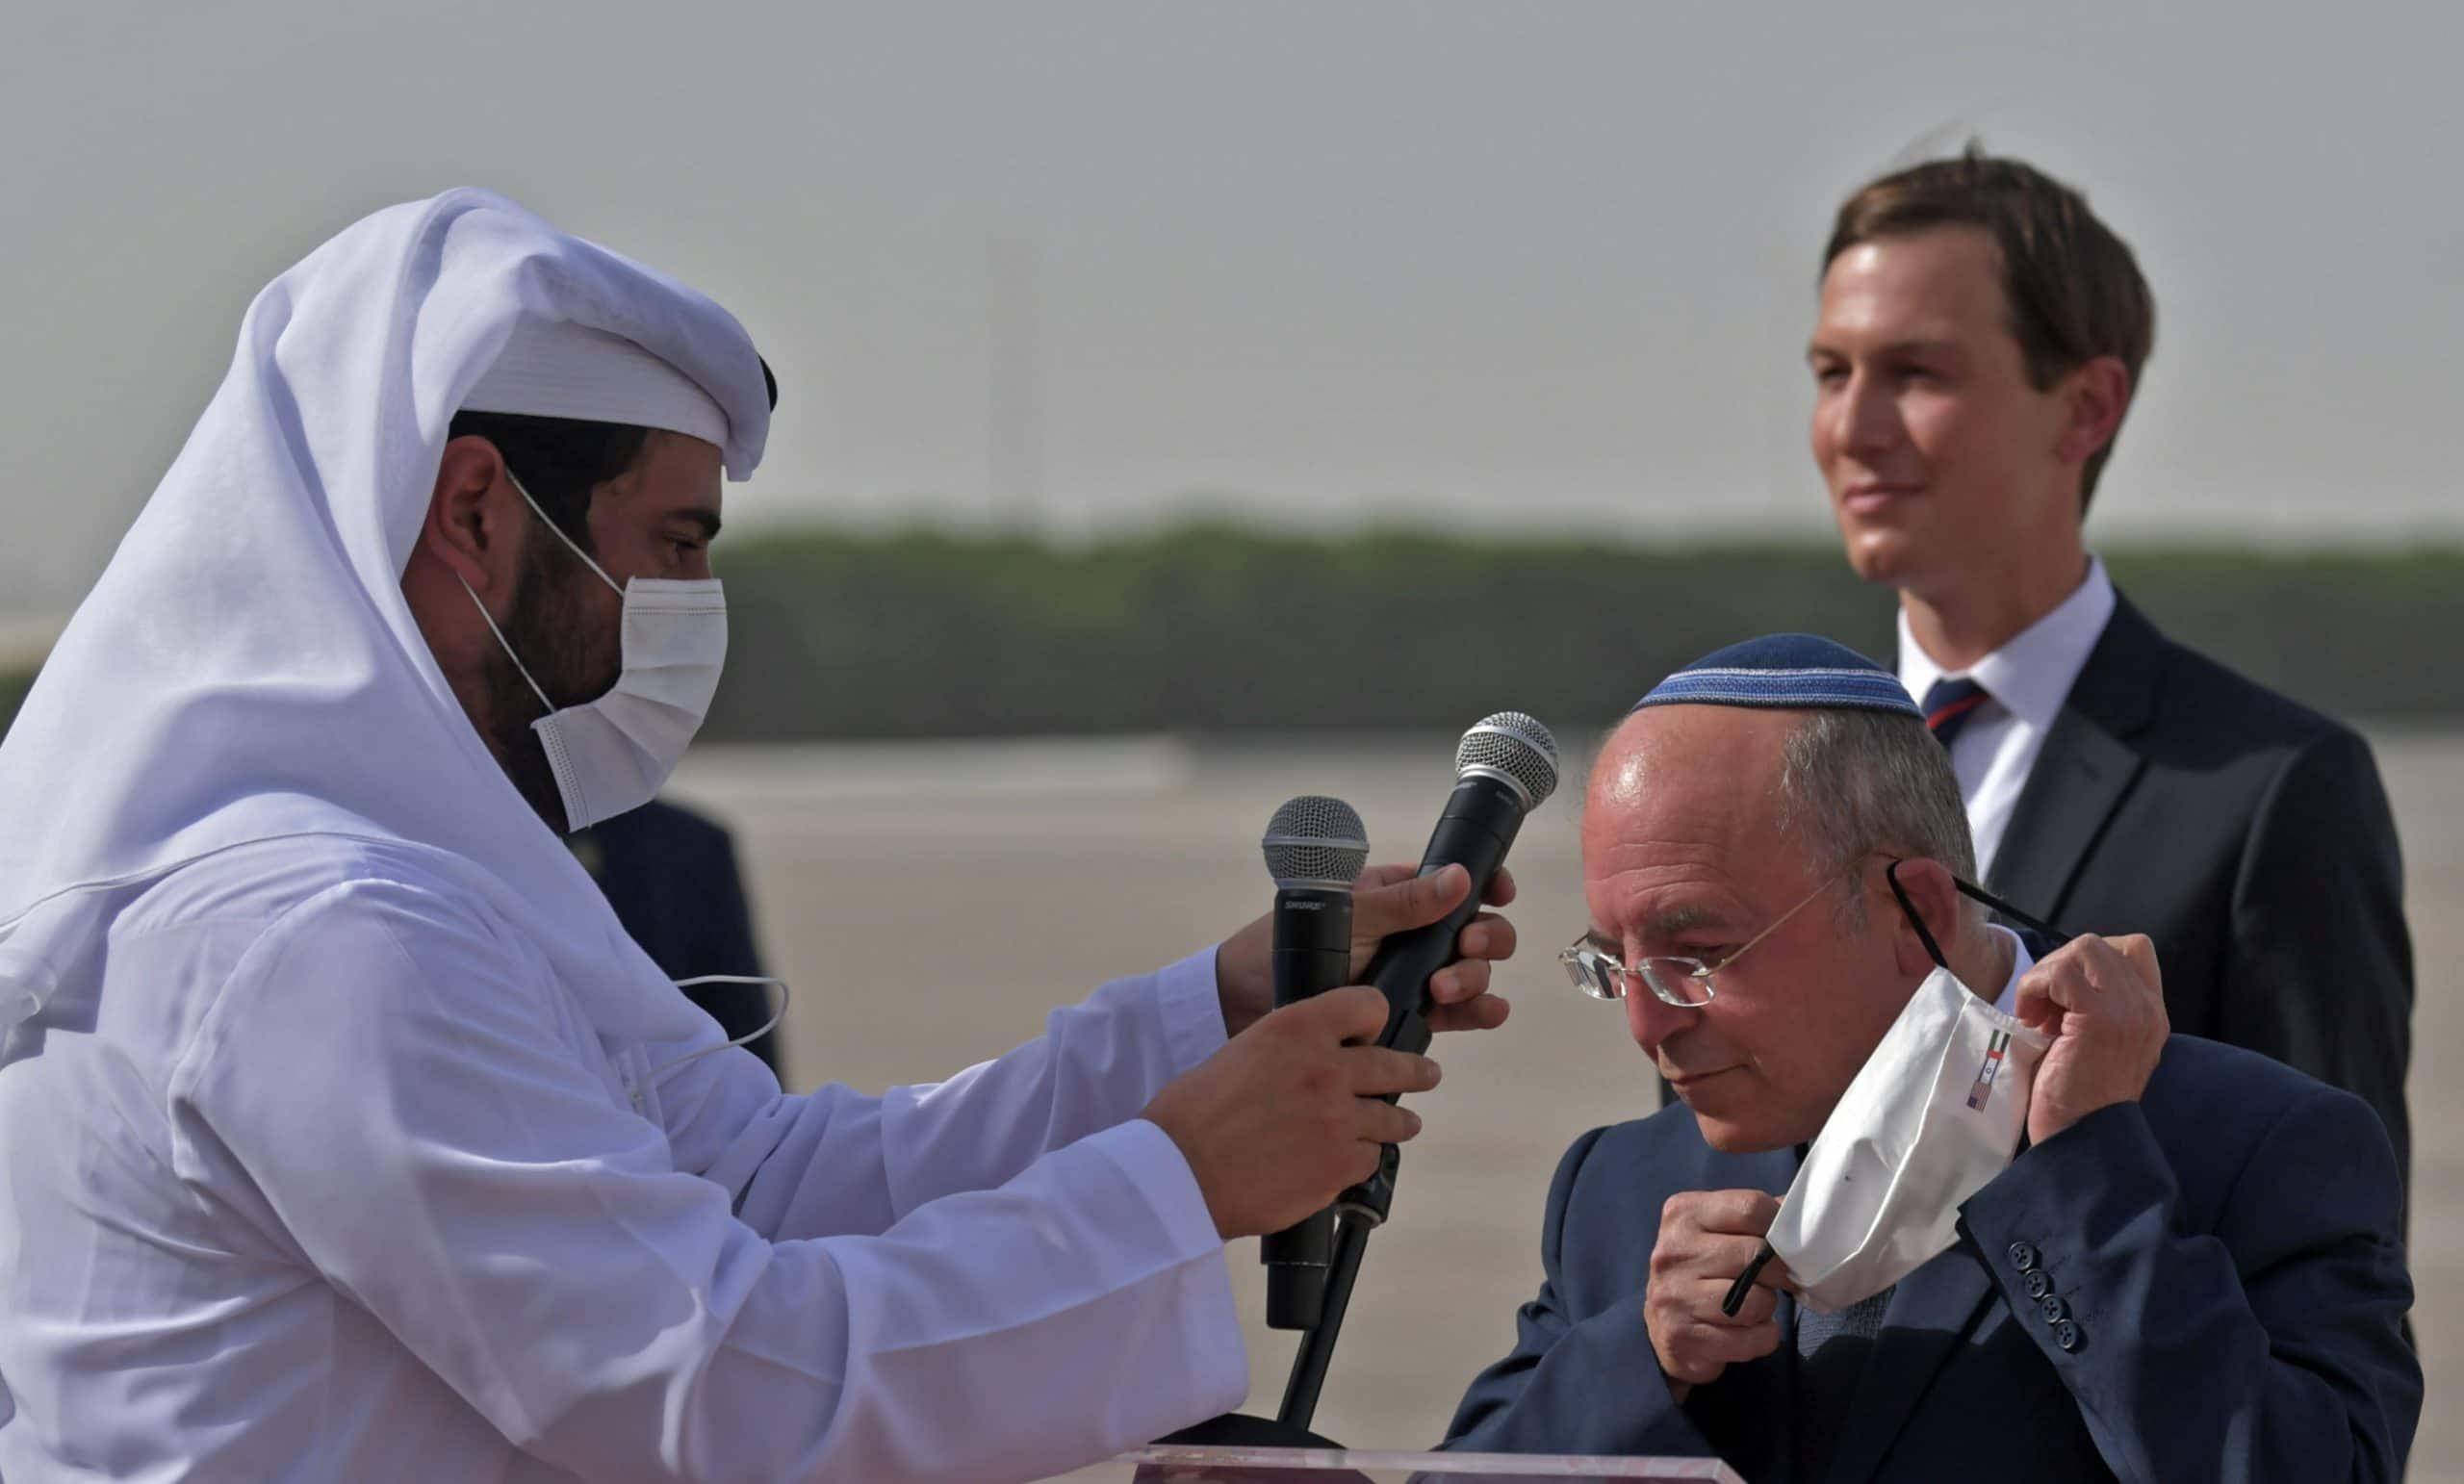 رئيس الوزراء الإسرائيلي يعيد النظر باتفاقية نقل النفط من الإمارات إلى أوروبا